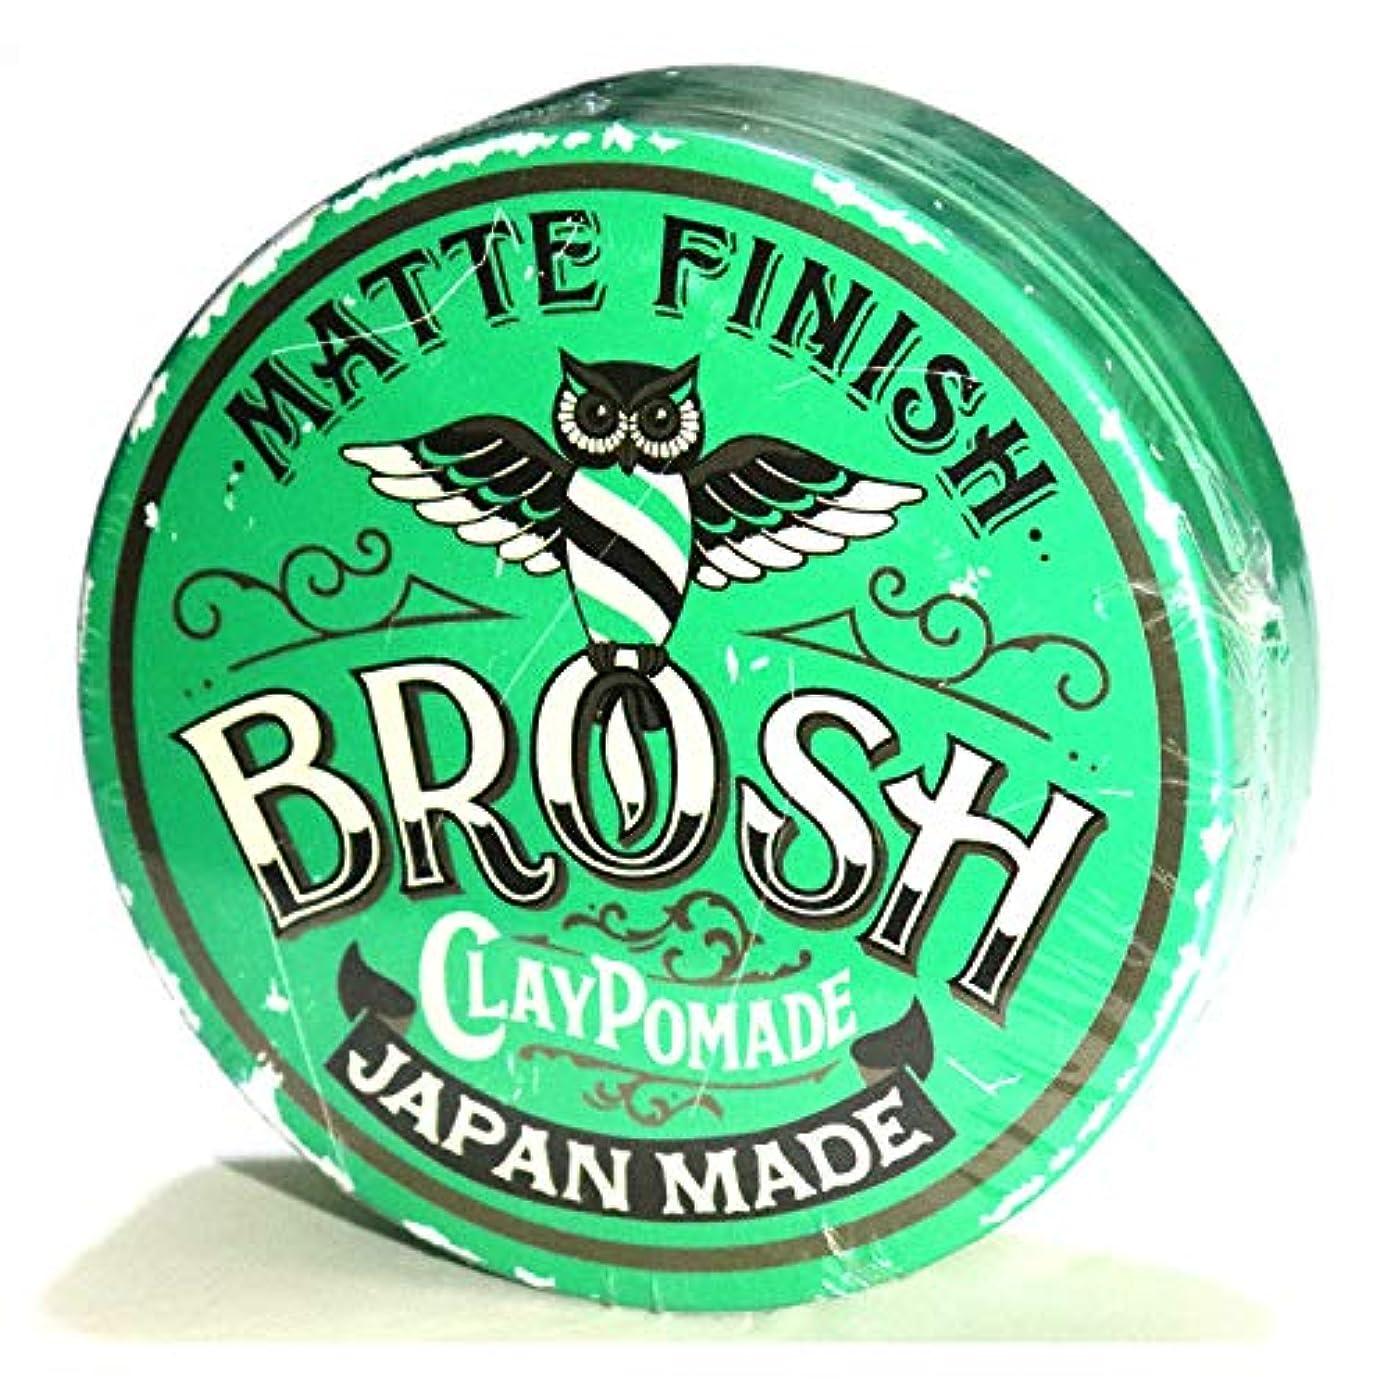 残酷泳ぐなめらかBROSH (ブロッシュ) BROSH CLAY POMADE 115g 水性ポマード 整髪料 マット